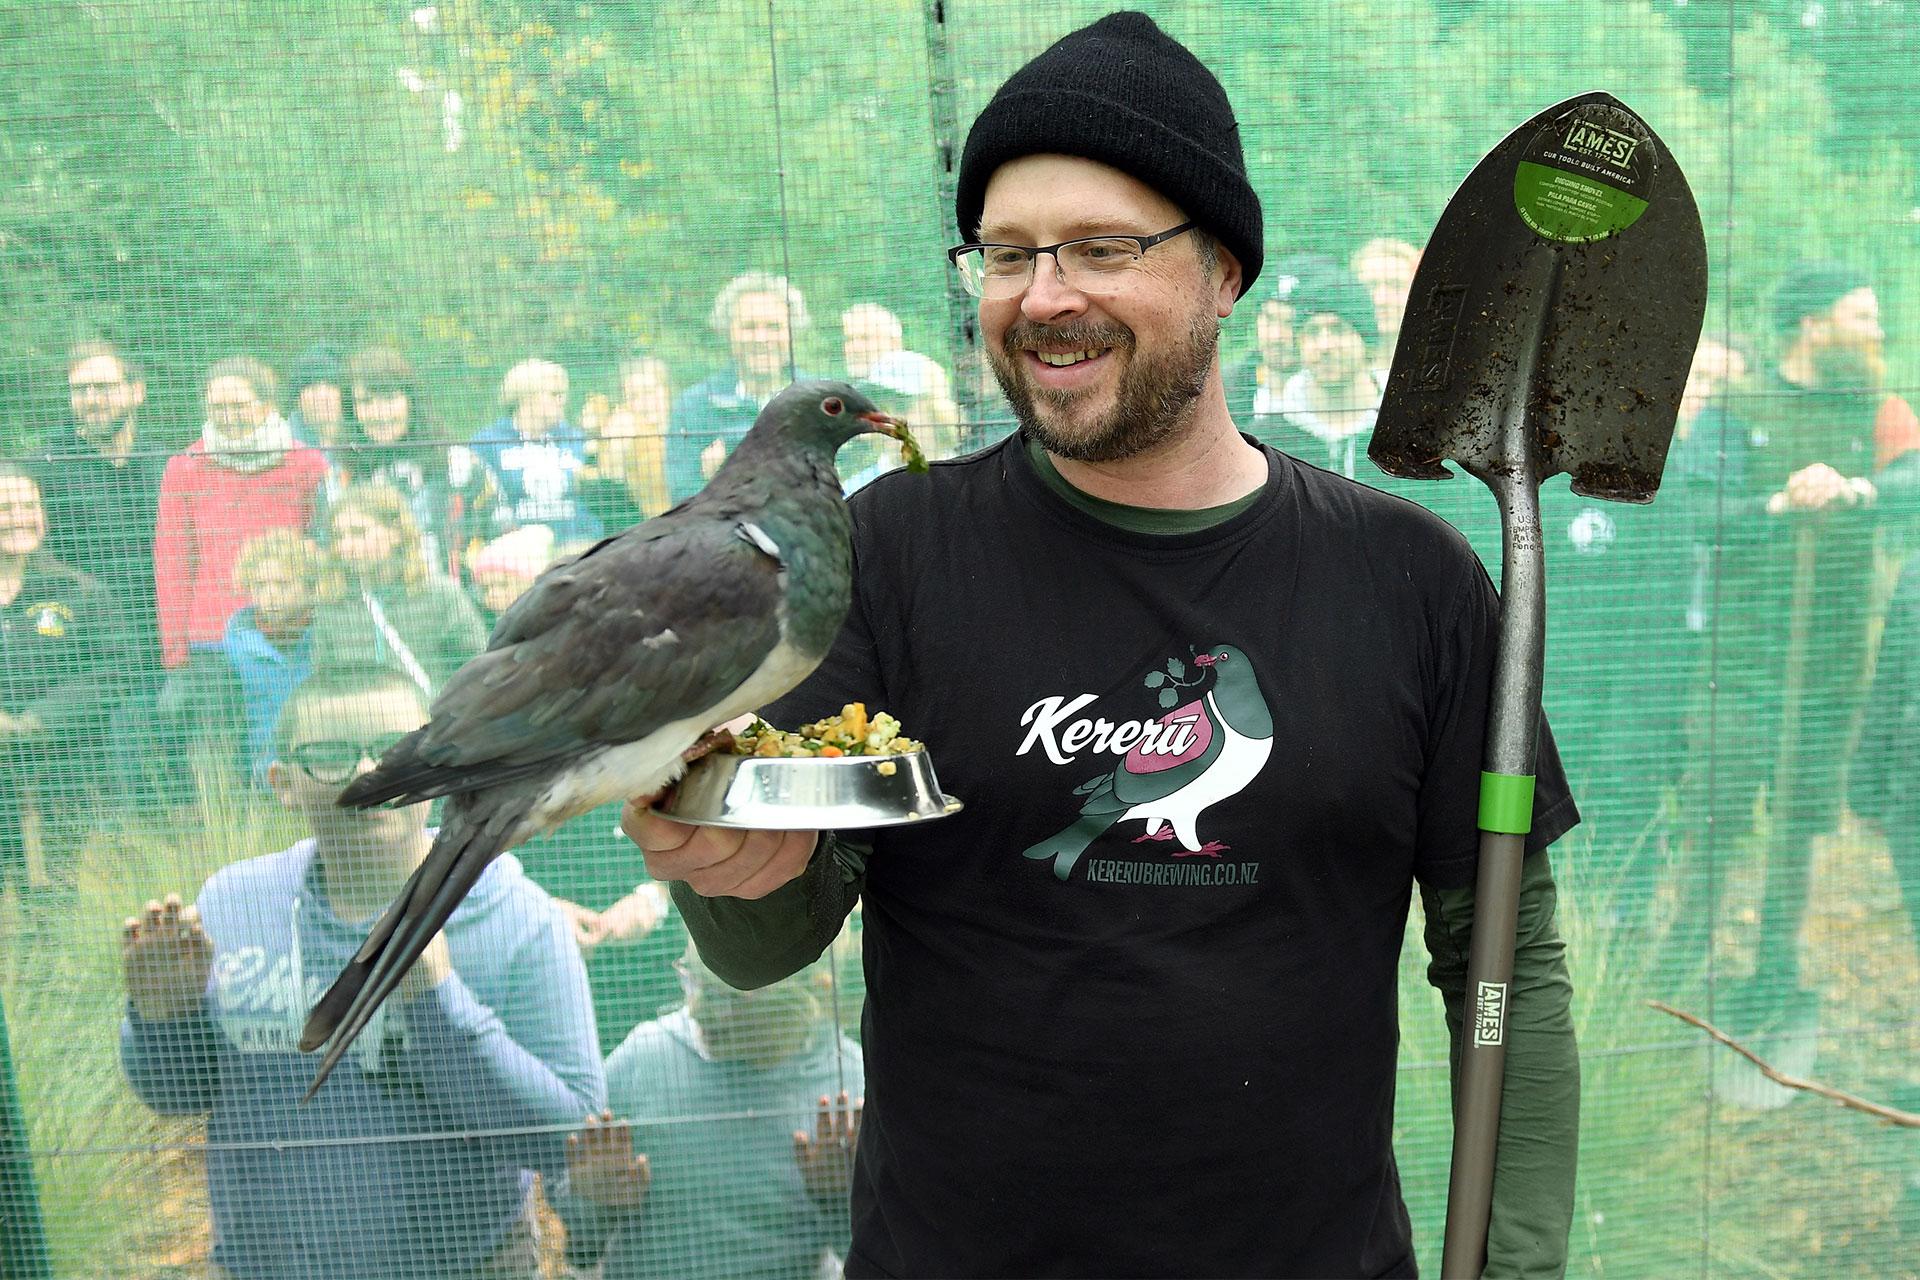 Chris and the Kereru bird